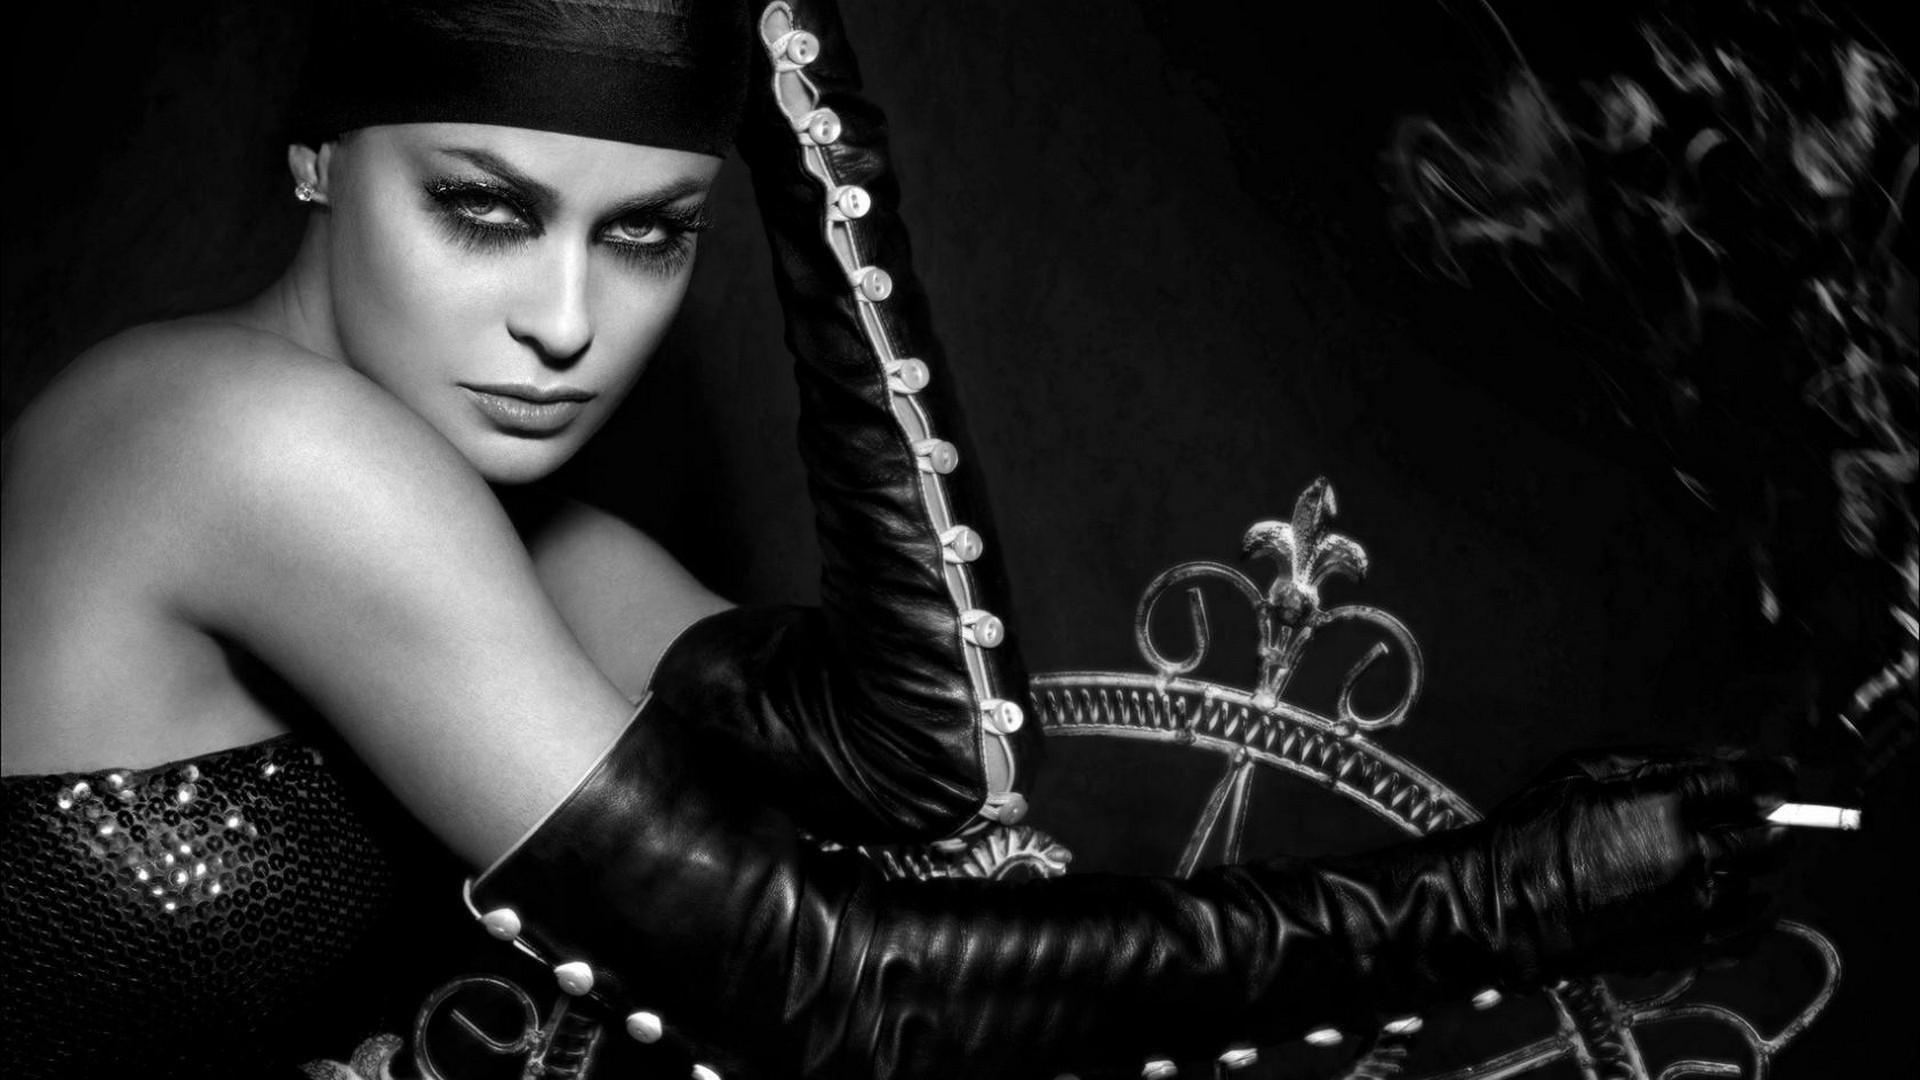 Carmen Electra Black In White